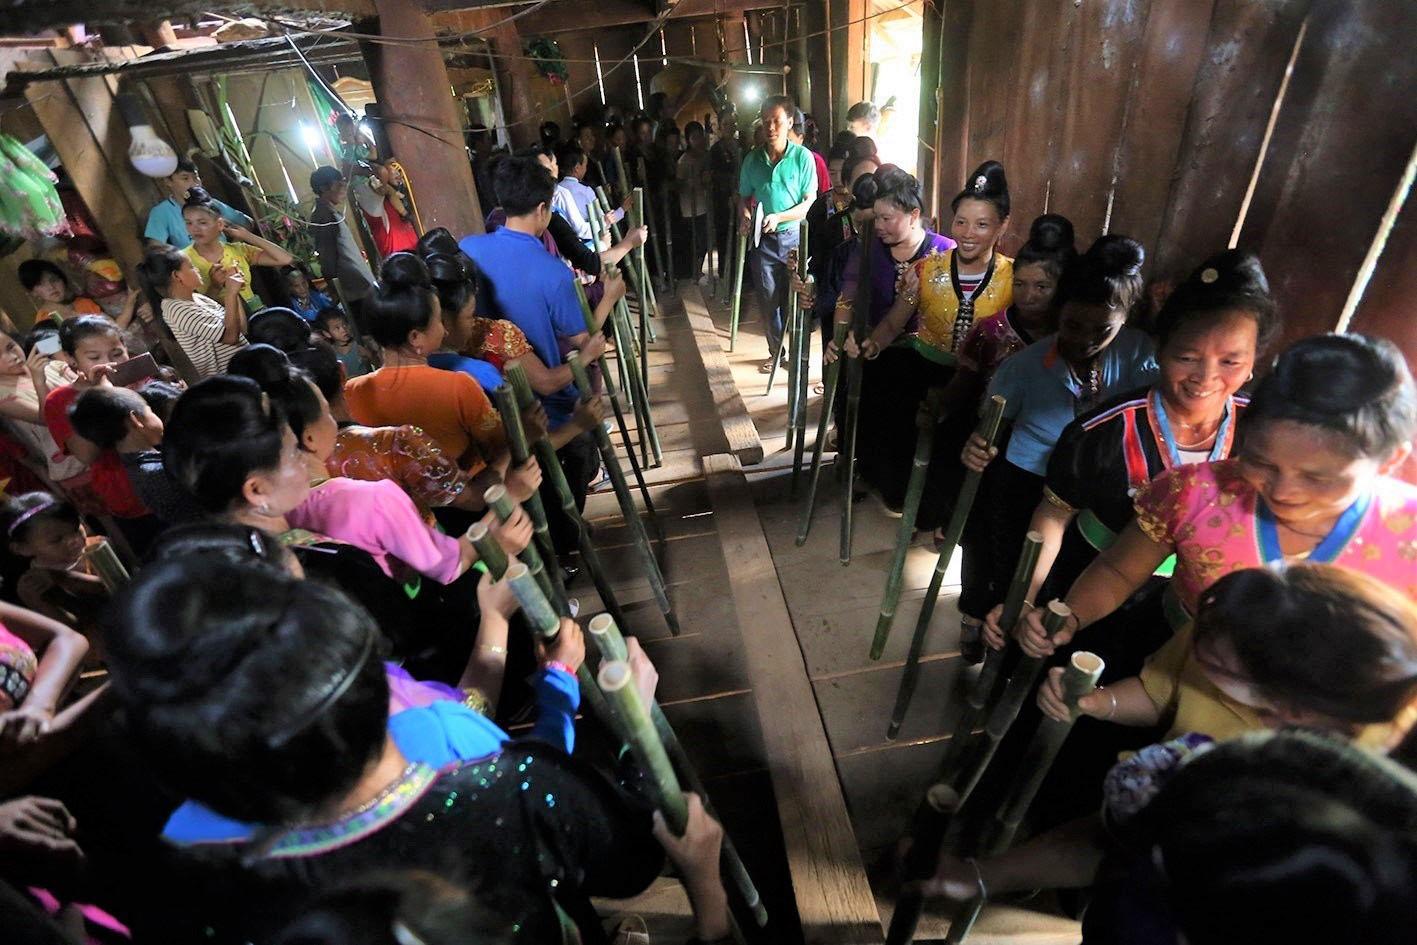 Điệu nhảy Xé Pang vui chơi của người dân trong dịp lễ hội Lễ hội Pang Phoóng